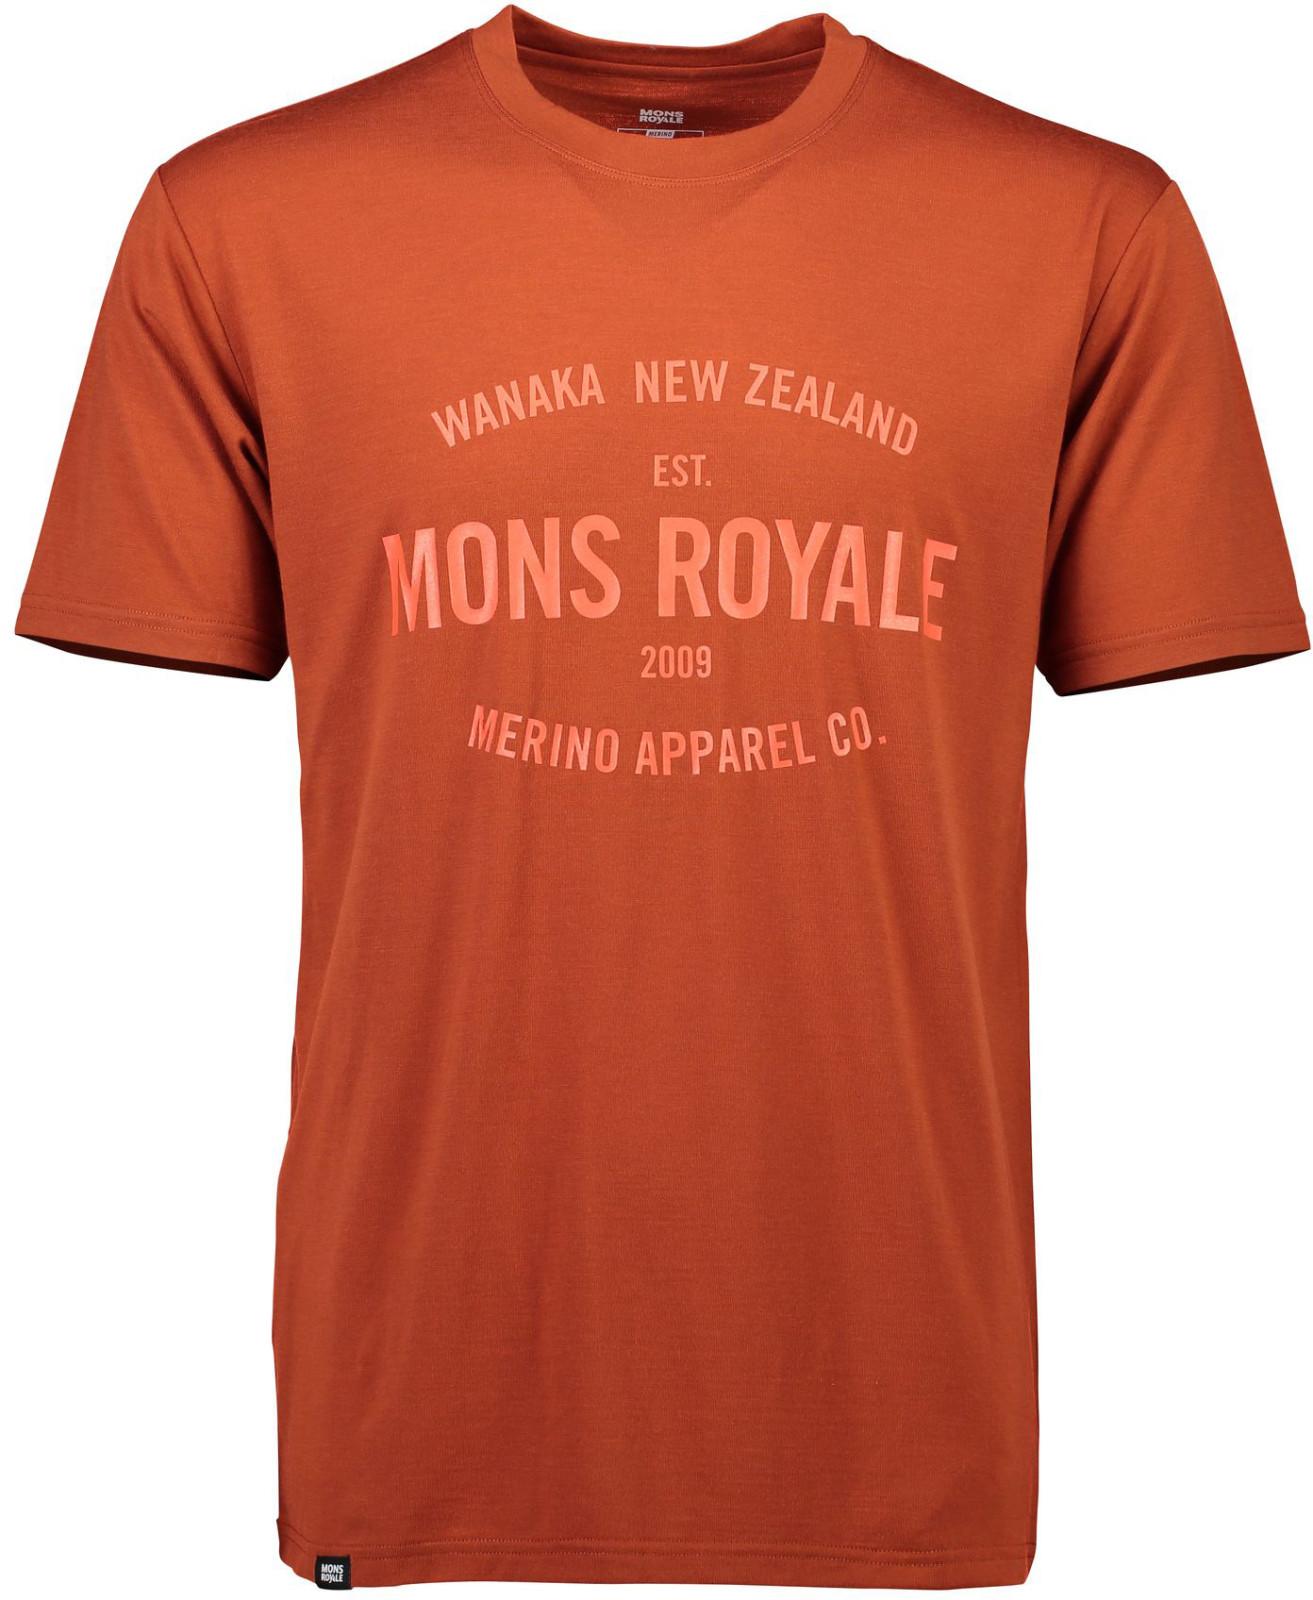 Mons Royale merino triko ICON T-SHIRT clay